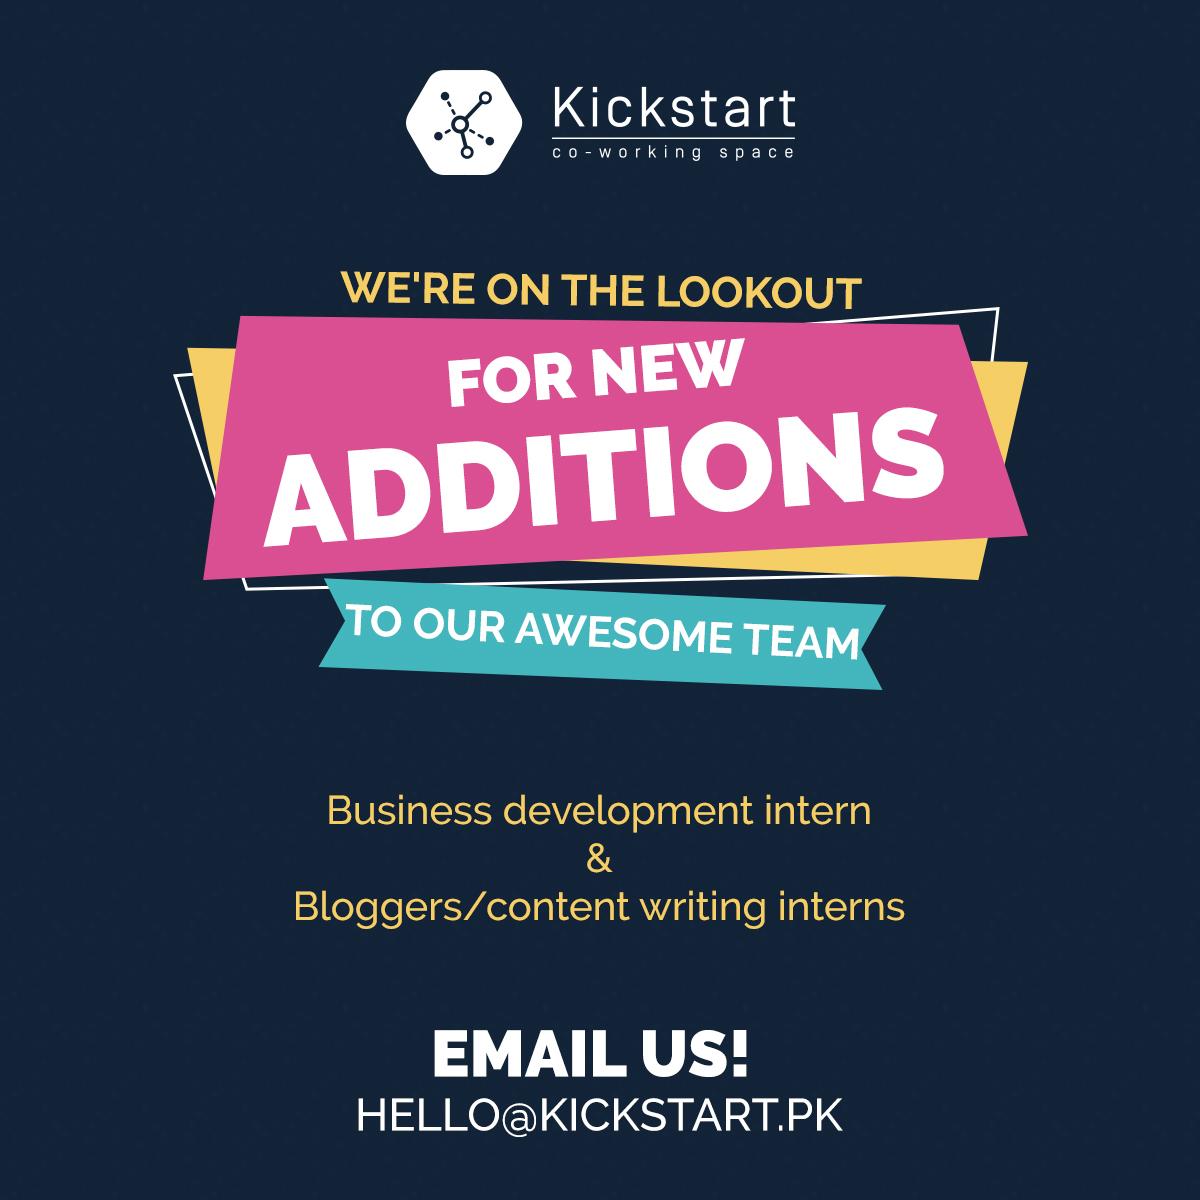 Kickstart Hiring Ad - Facebook Post Design